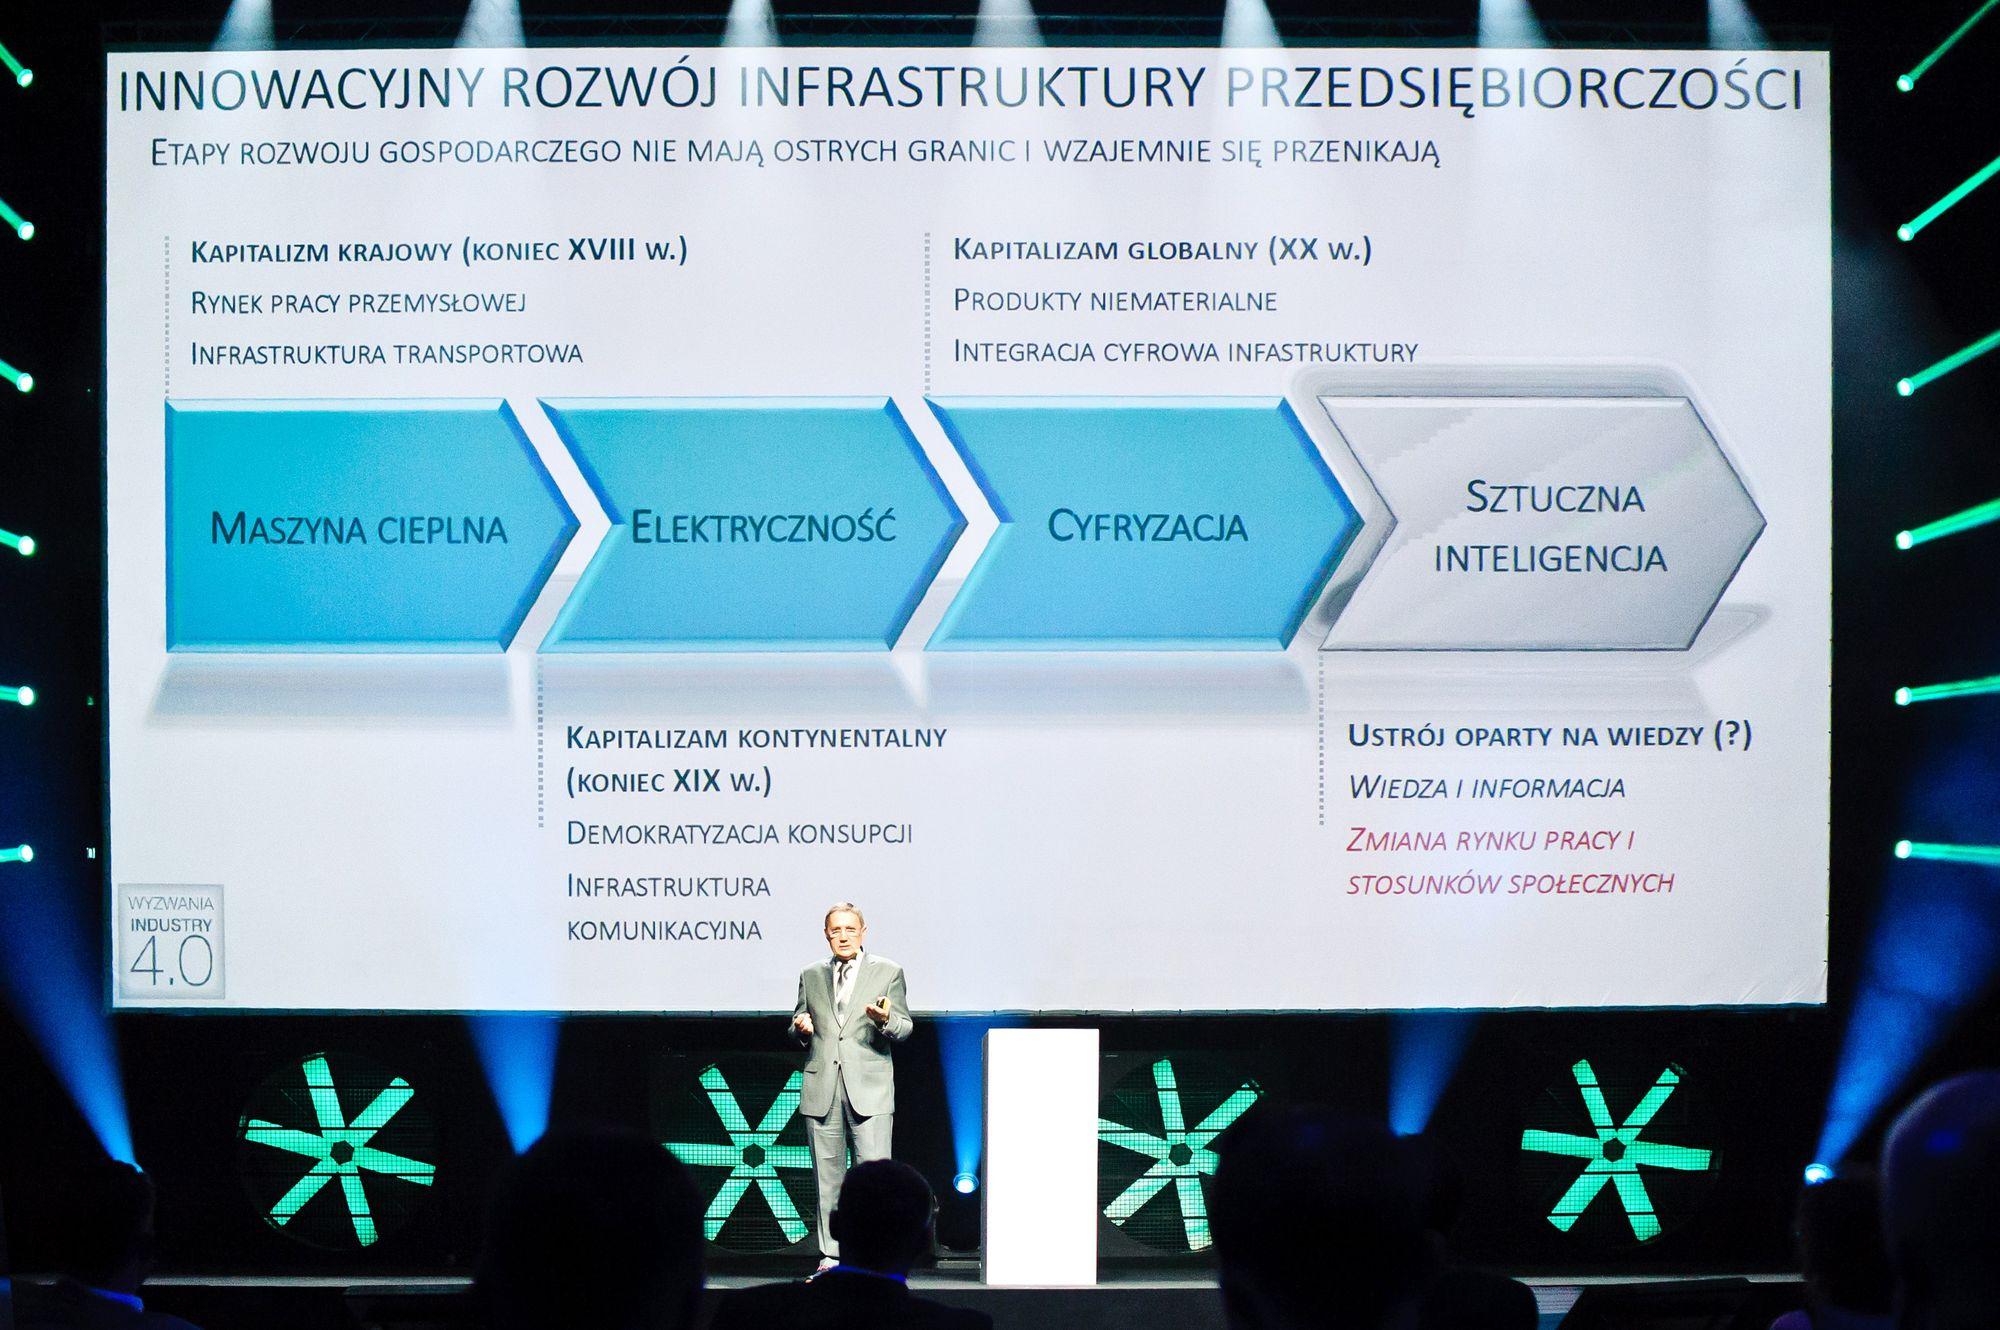 Wyzwania Industry 4.0